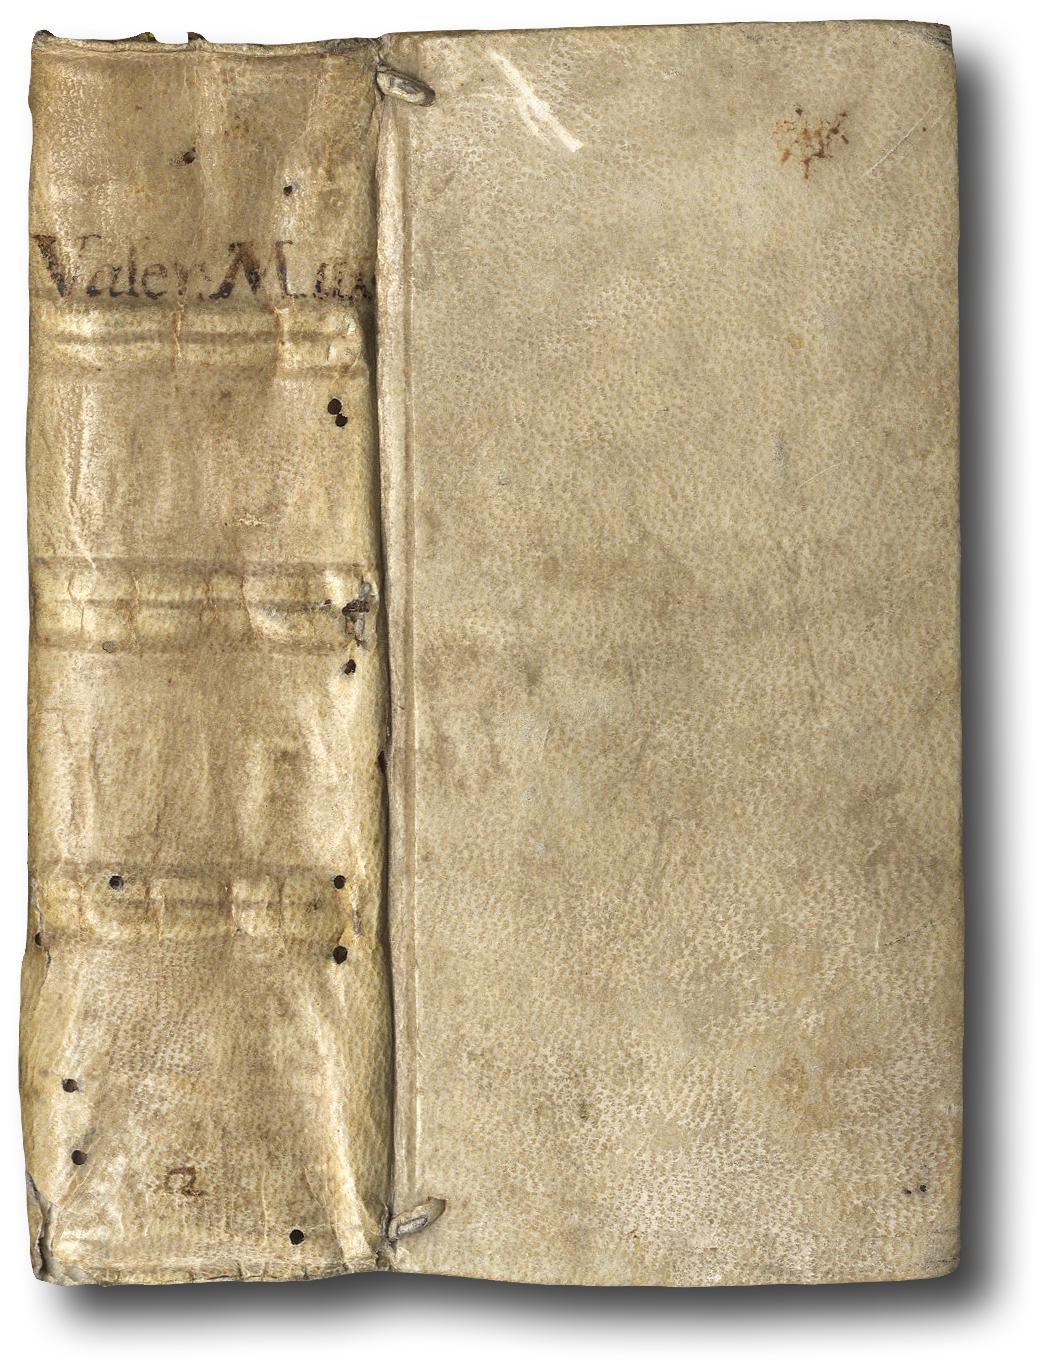 viaLibri ~ Rare Books from 1528 - Page 1